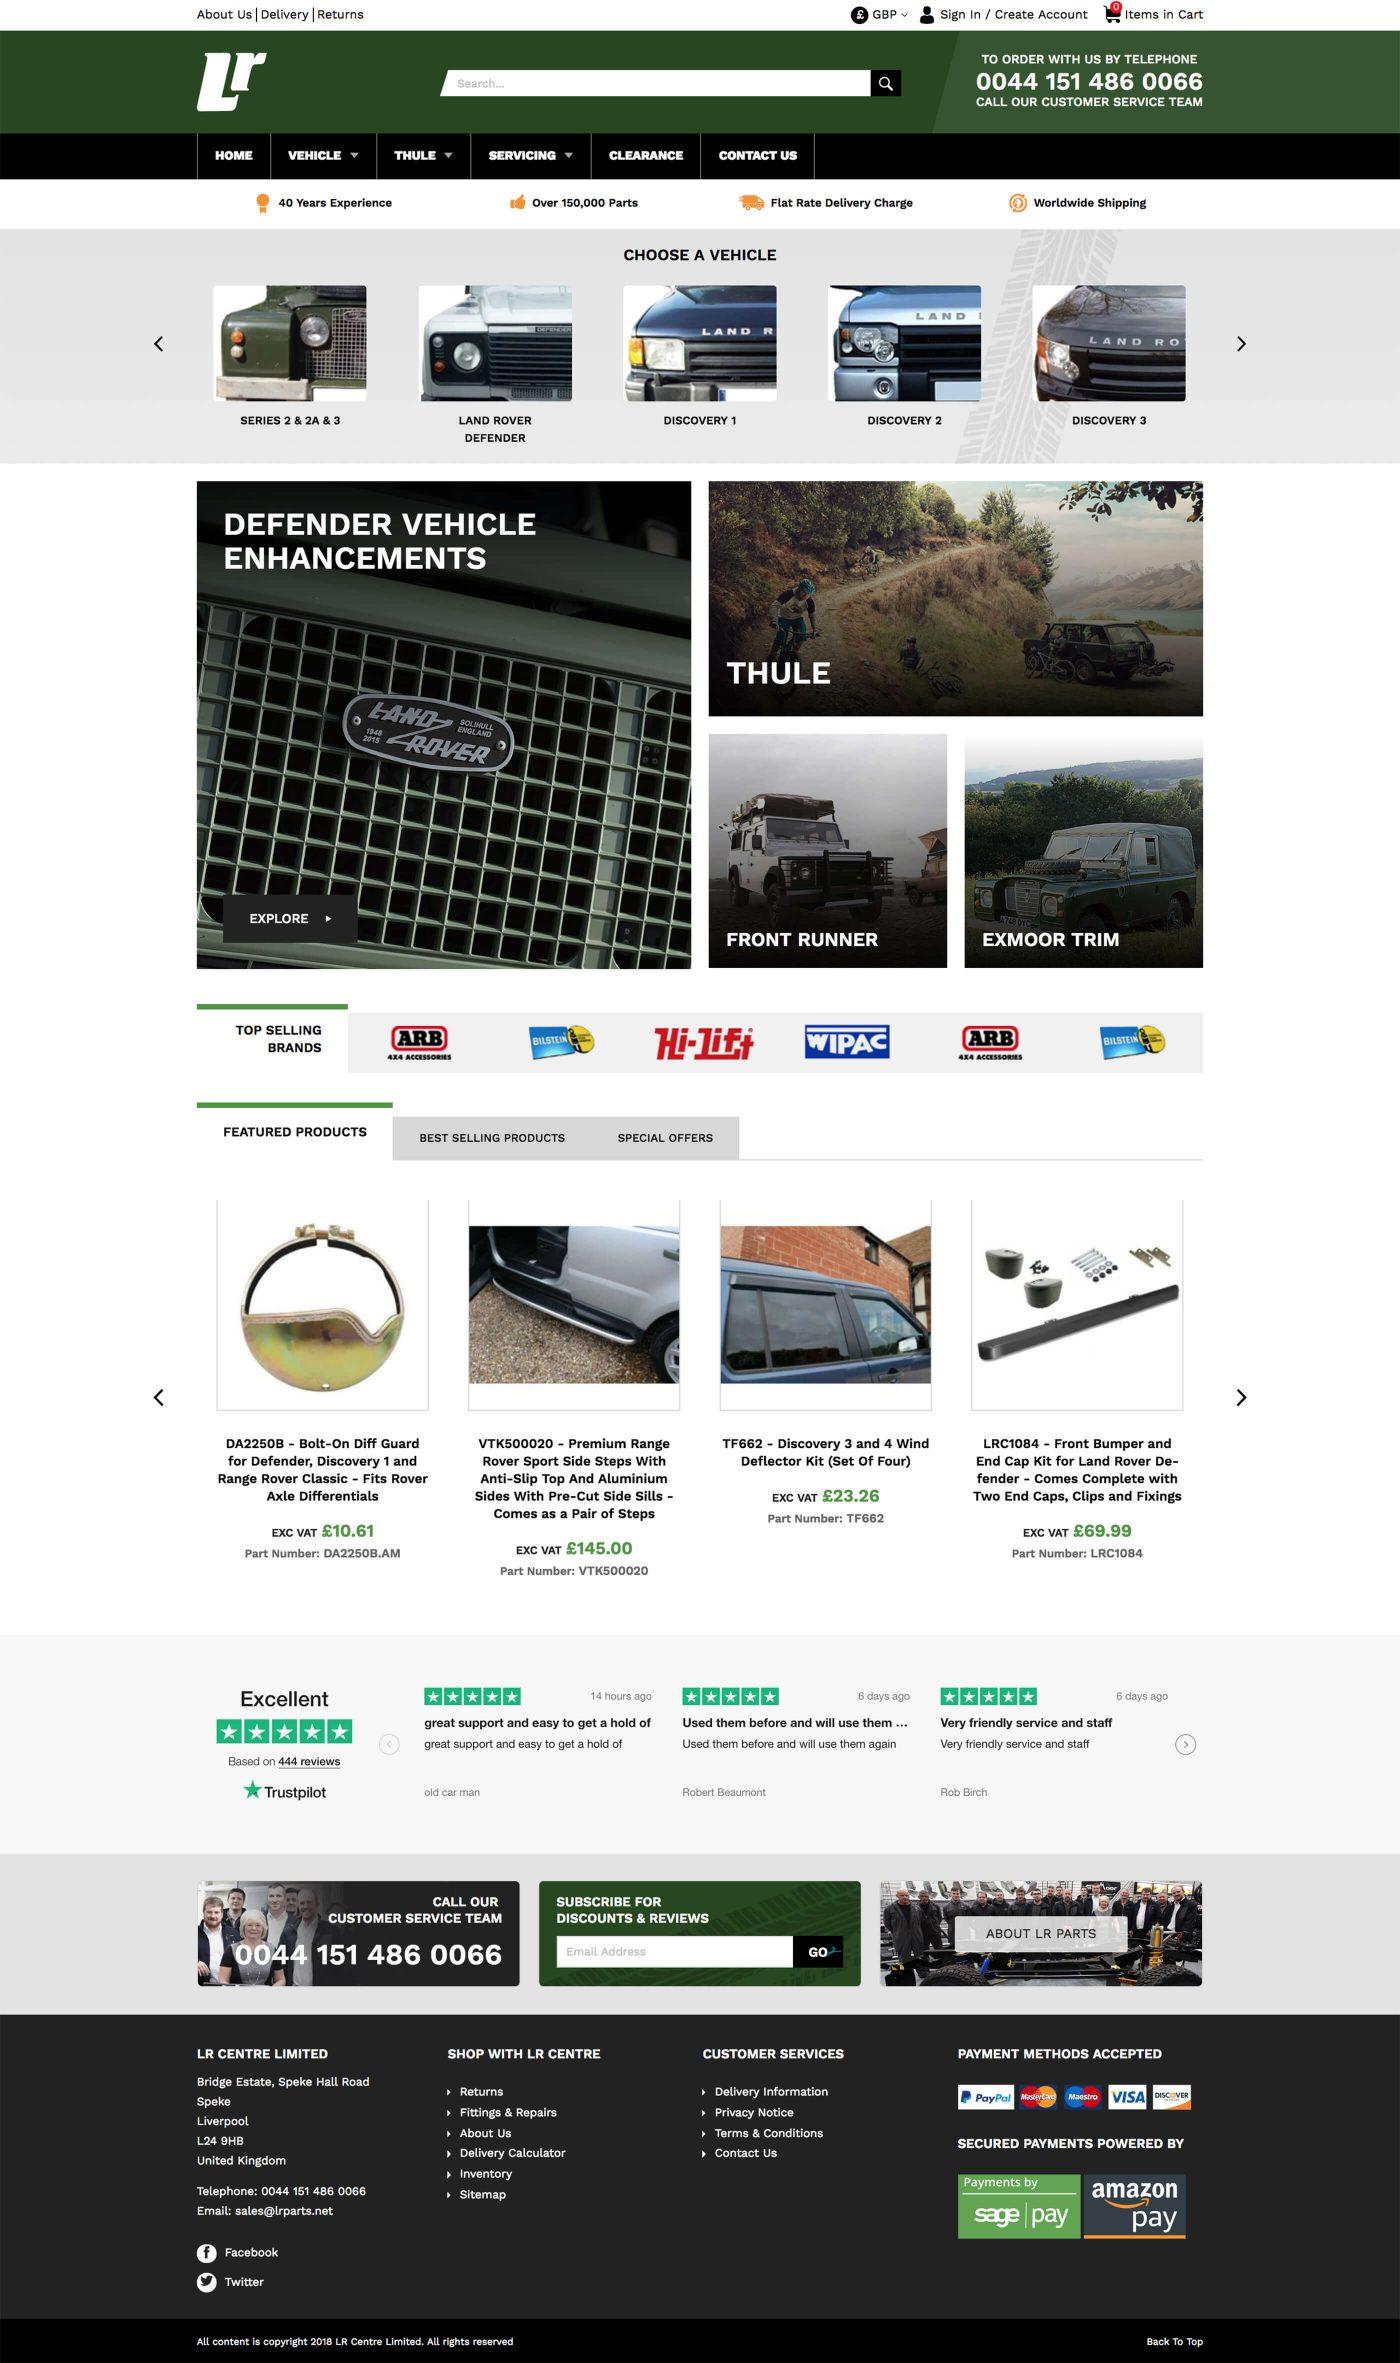 lrparts.net